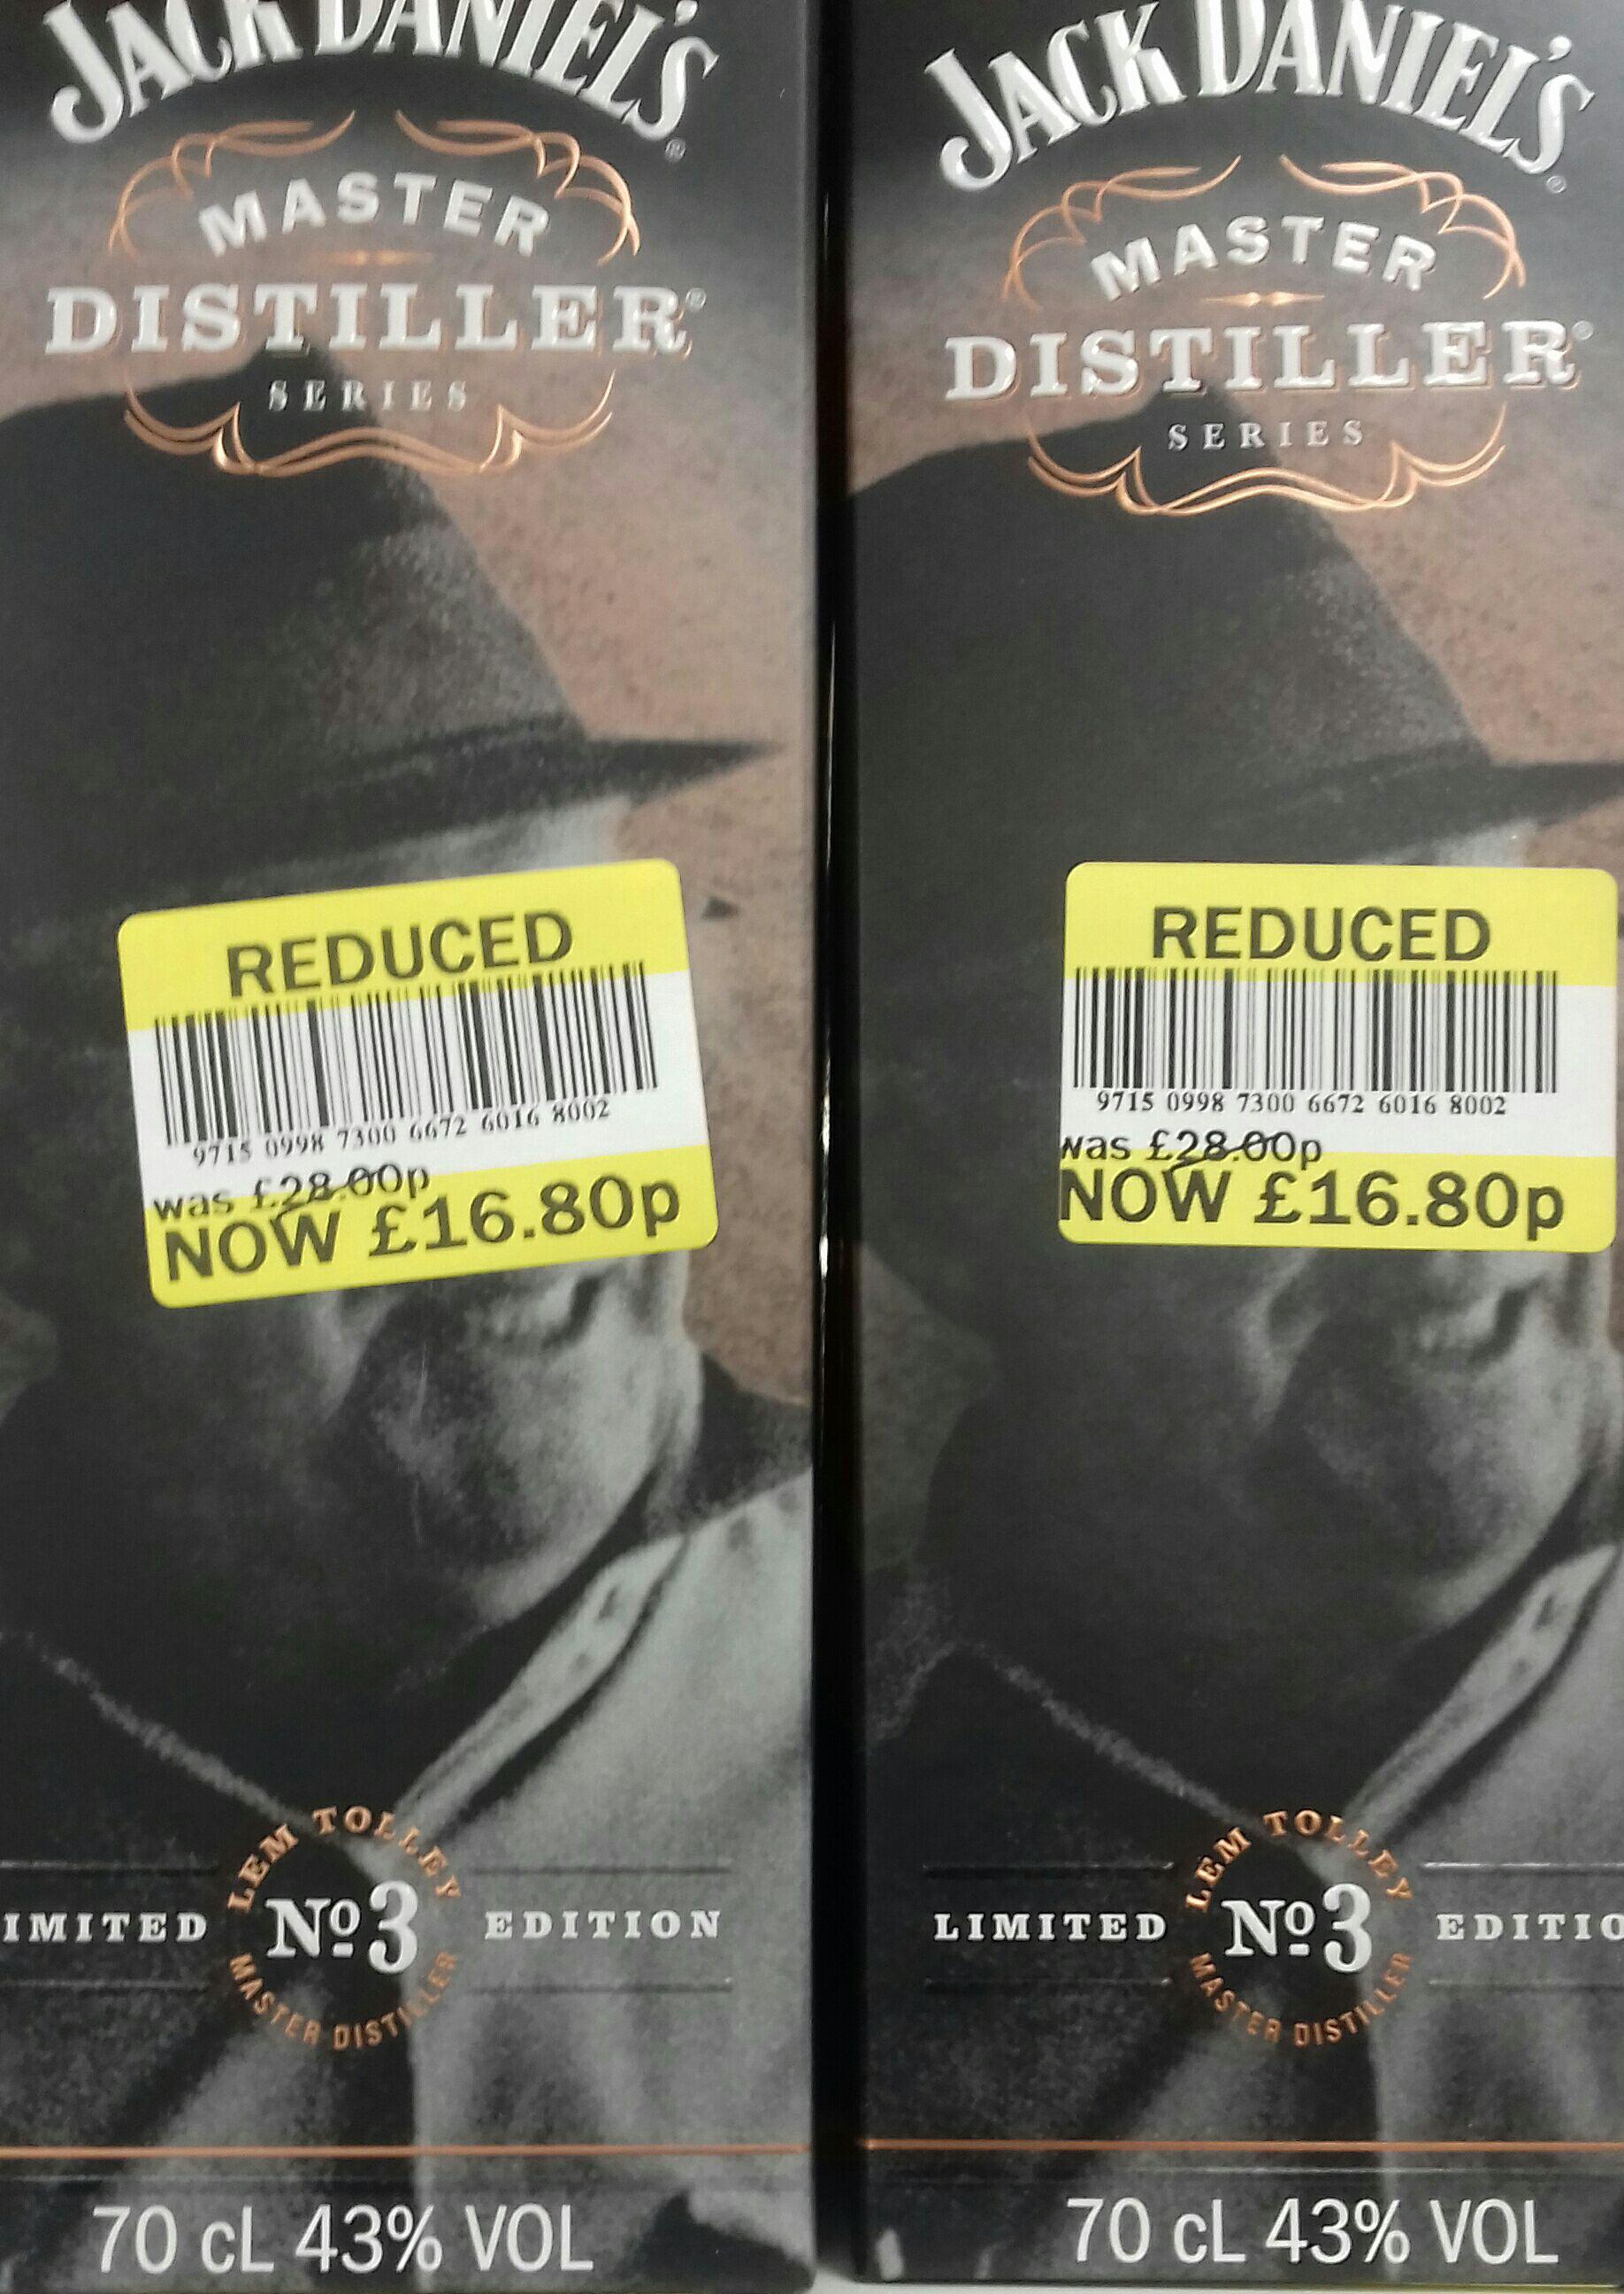 Jack Daniels master distiller - £16.80 instore @ Tesco Clitheroe